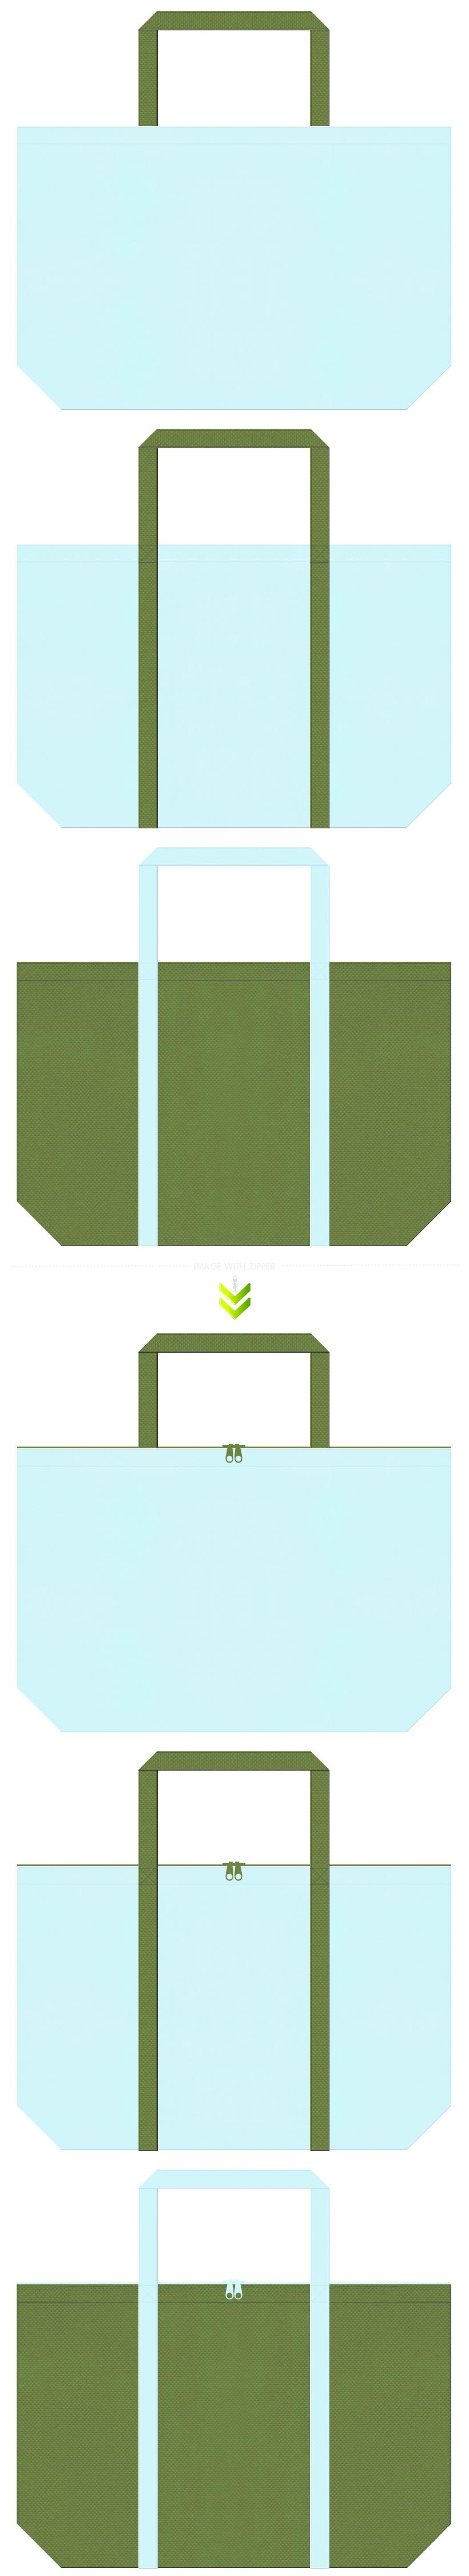 水色と草色の不織布バッグデザイン。ビオトープ・造園・エクステリアの展示会用バッグにお奨めです。